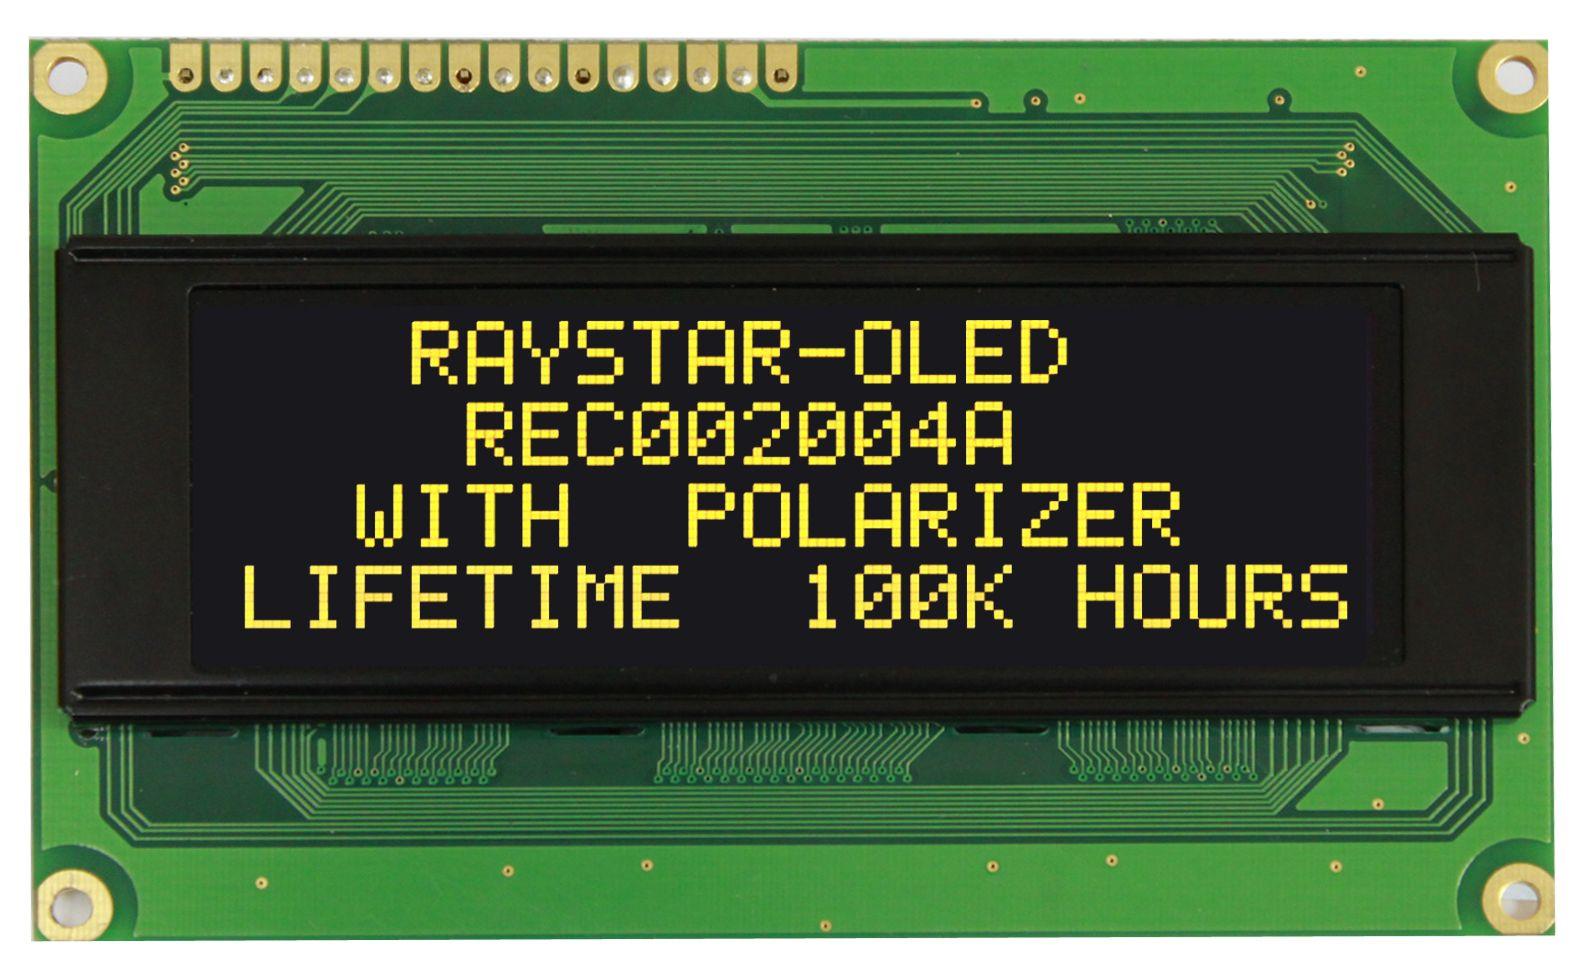 OLED-дисплей REC002004A для вывода текстовых сообщений с поддержкой интерфейса RS232